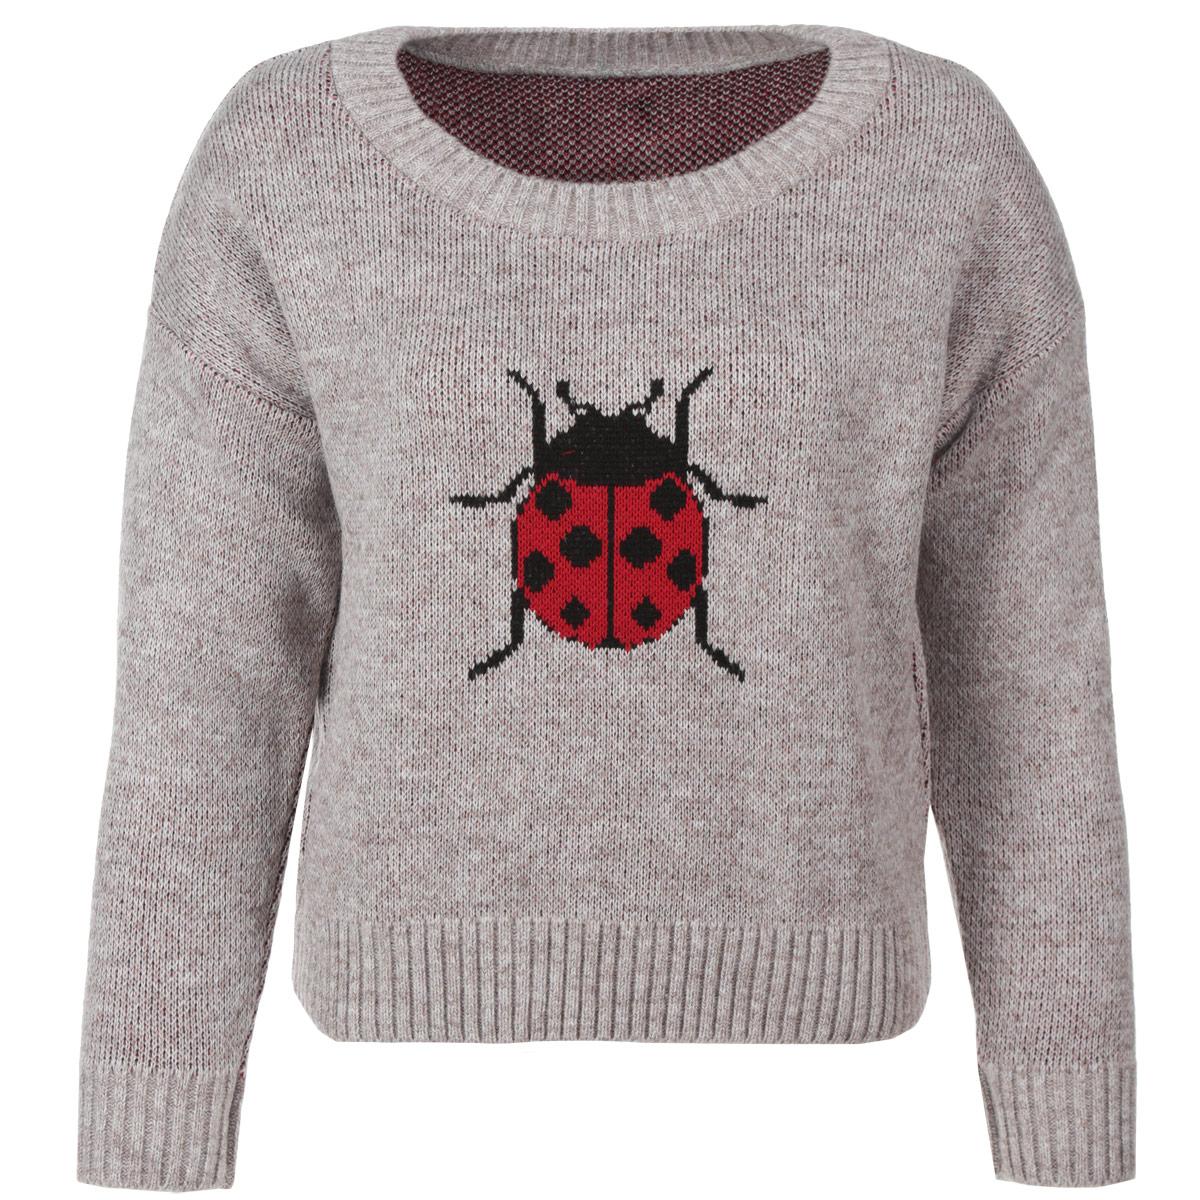 Свитер женский. 906906Теплый вязаный свитер Milana Style станет незаменимой вещью в холодное время года. Модель с длинными рукавами и круглым вырезом горловины спереди оформлена крупным вязаным изображением божьей коровки. Изделие выполнено из полиакрилонитрильной пряжи с добавлением шерсти. Горловина, манжеты и низ изделия связаны двойной резинкой. Стильный свитер прекрасно дополнит ваш повседневный гардероб.